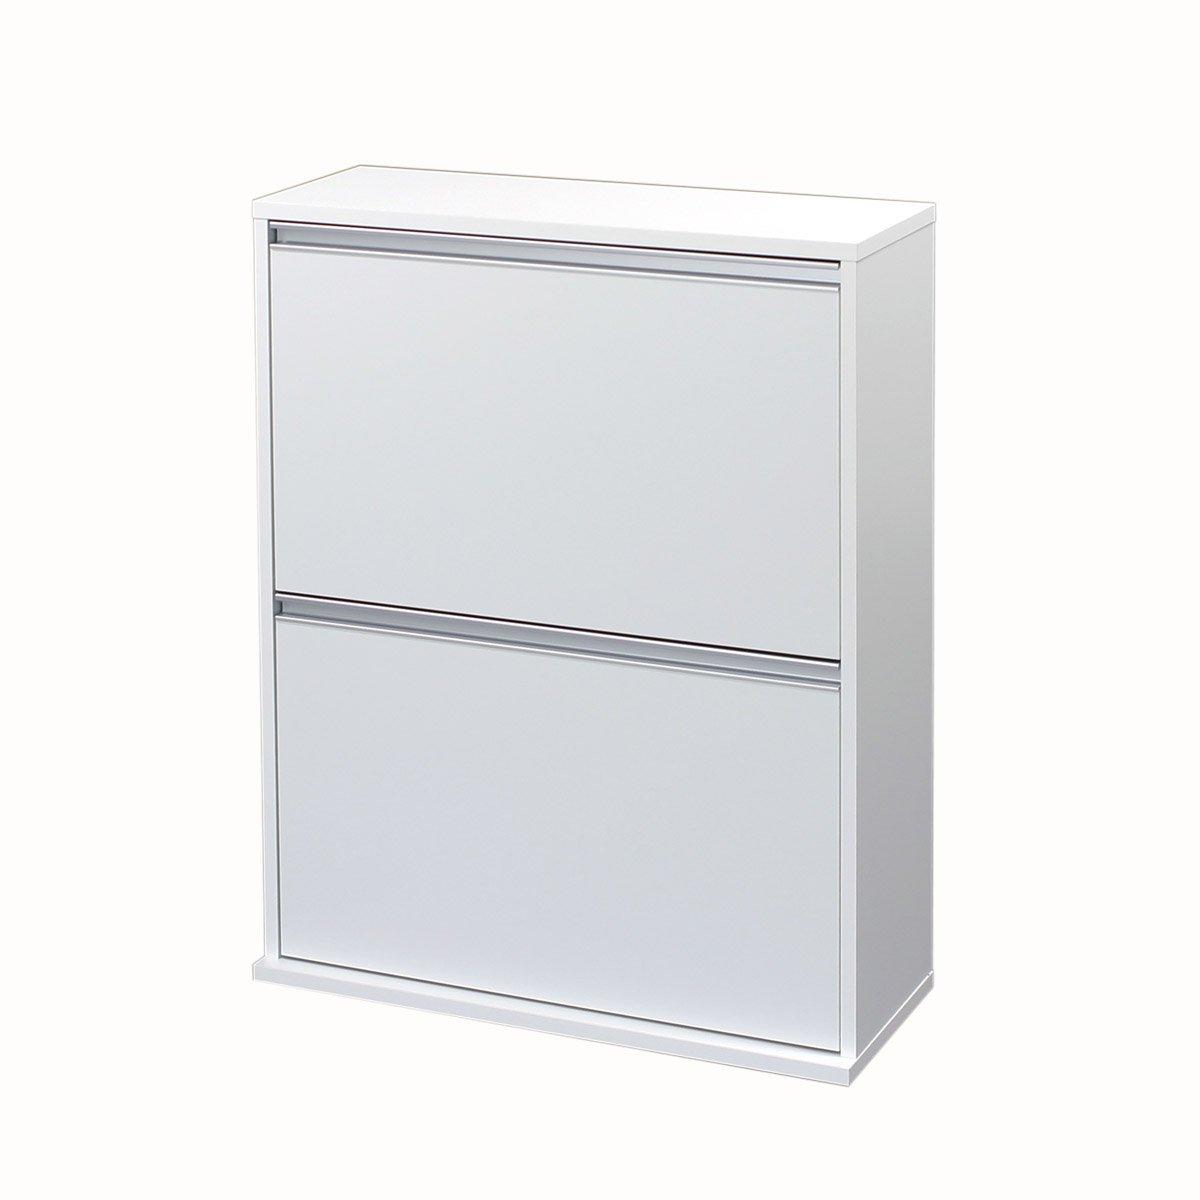 川口工器 木製 分別 ダストボックス (4分別, ホワイト) 19044 B075M7LQ4K 4分別|ホワイト ホワイト 4分別